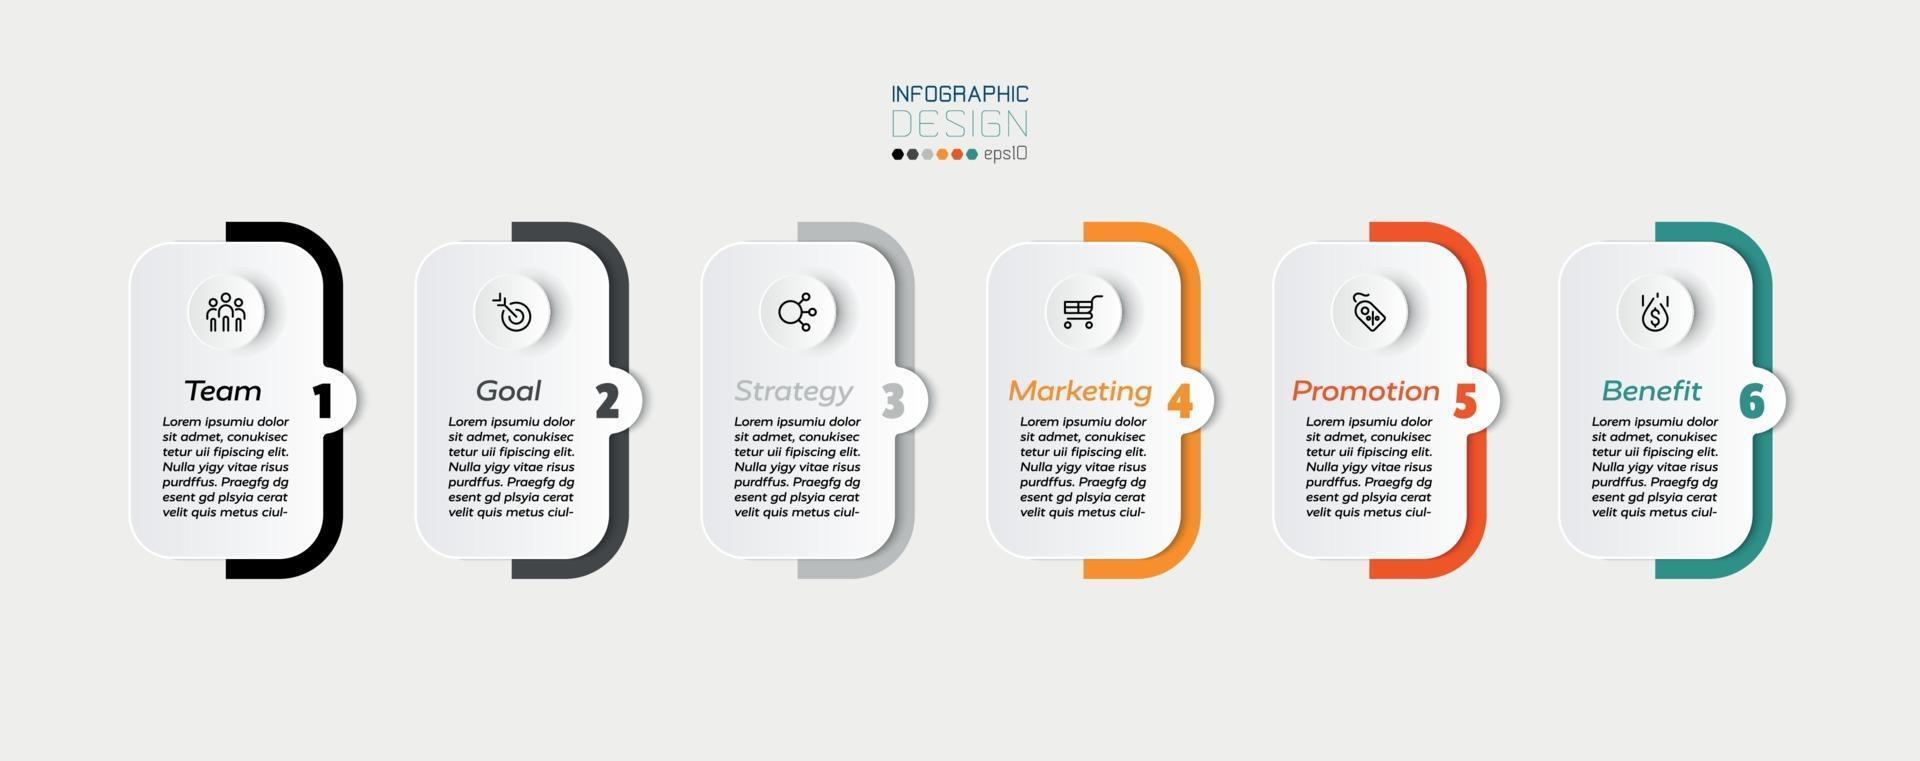 quadrati e barre colorate, 6 passaggi per presentare o pianificare un flusso di lavoro in un'azienda o altro lavoro. progettazione infografica. vettore